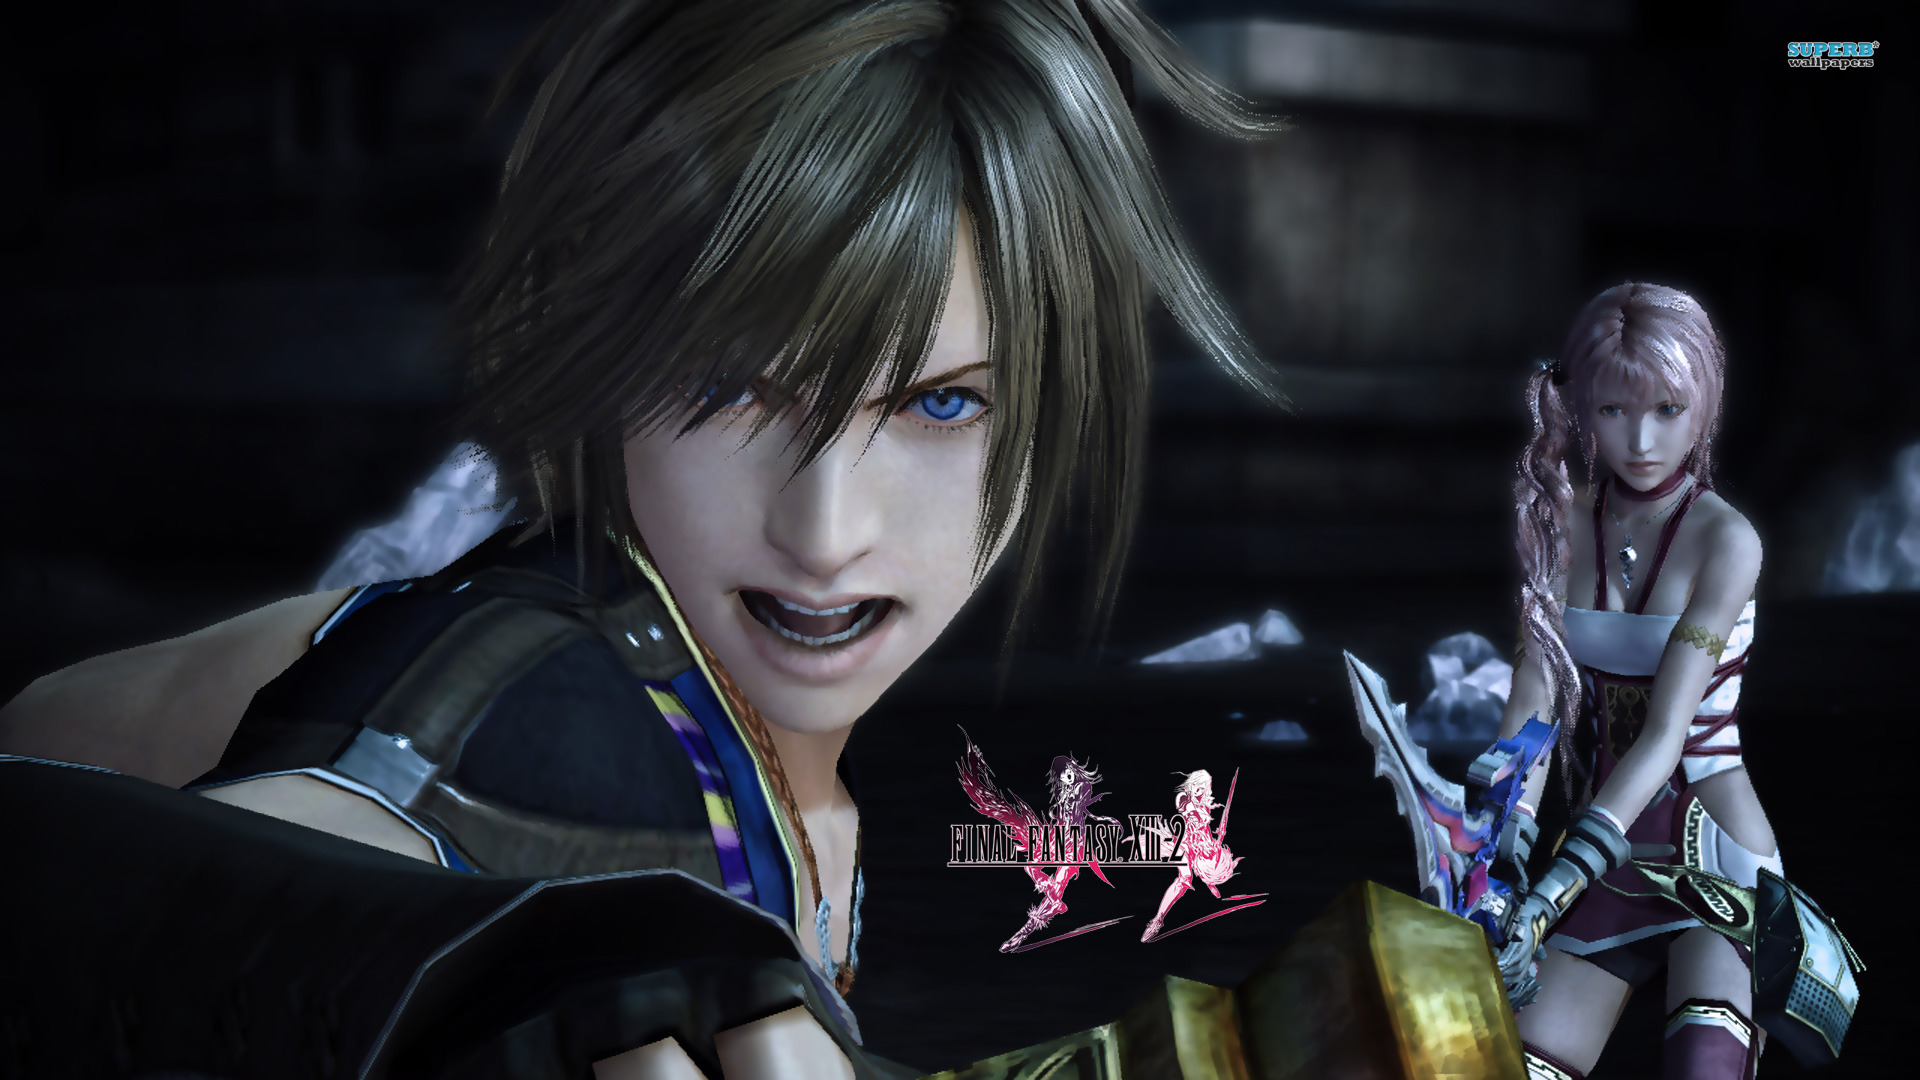 Final Fantasy Xiii Hd Wallpaper 1031539 Zerochan Anime Image Board